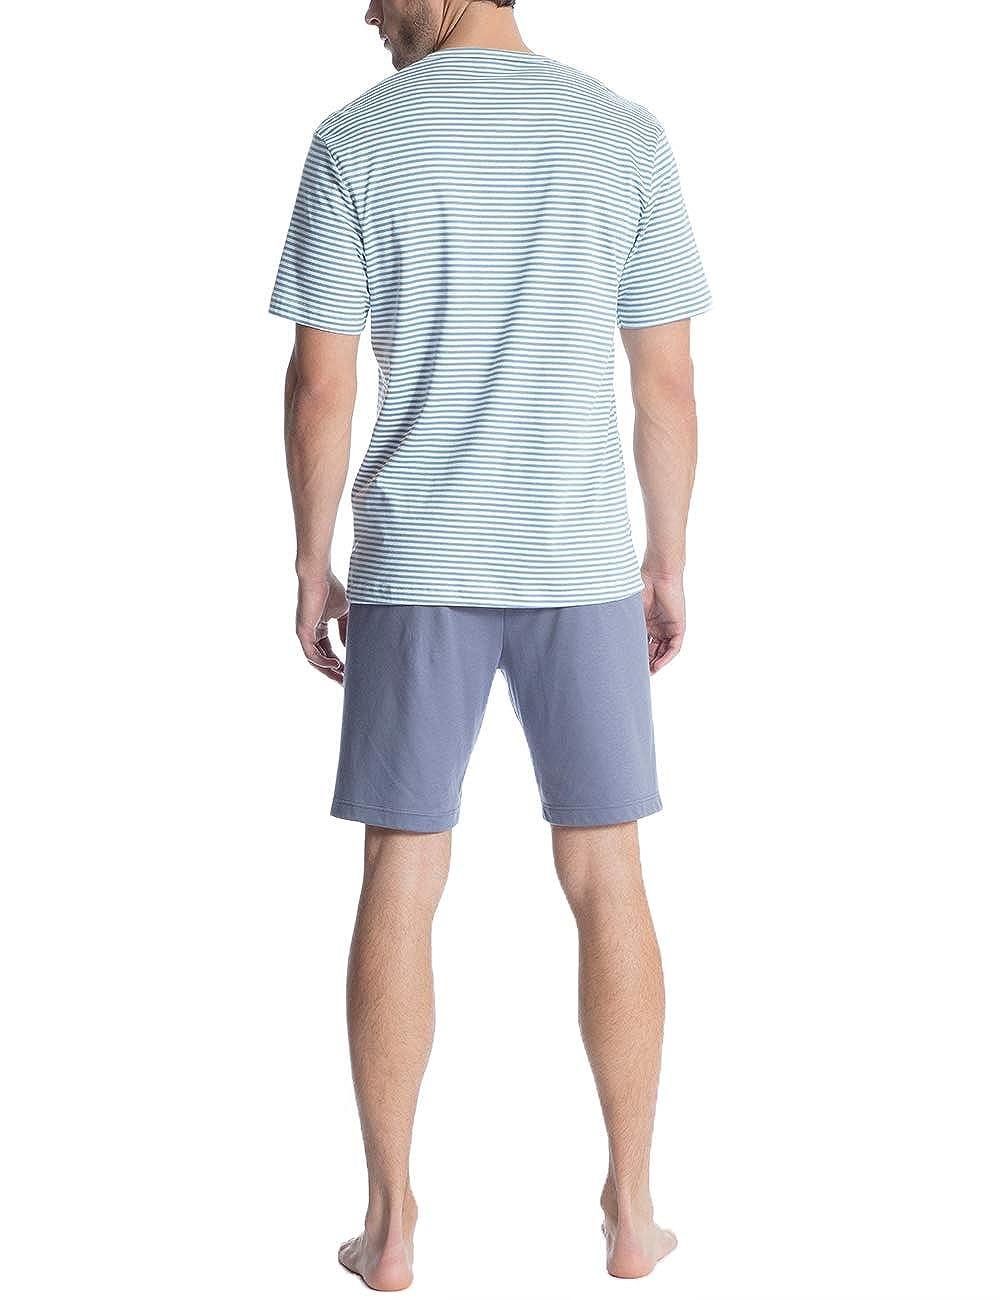 Calida Herren Zweiteiliger Zweiteiliger Zweiteiliger Schlafanzug B07FT29JX6 Schlafanzüge Elegante und robuste Verpackung 1cc8b3